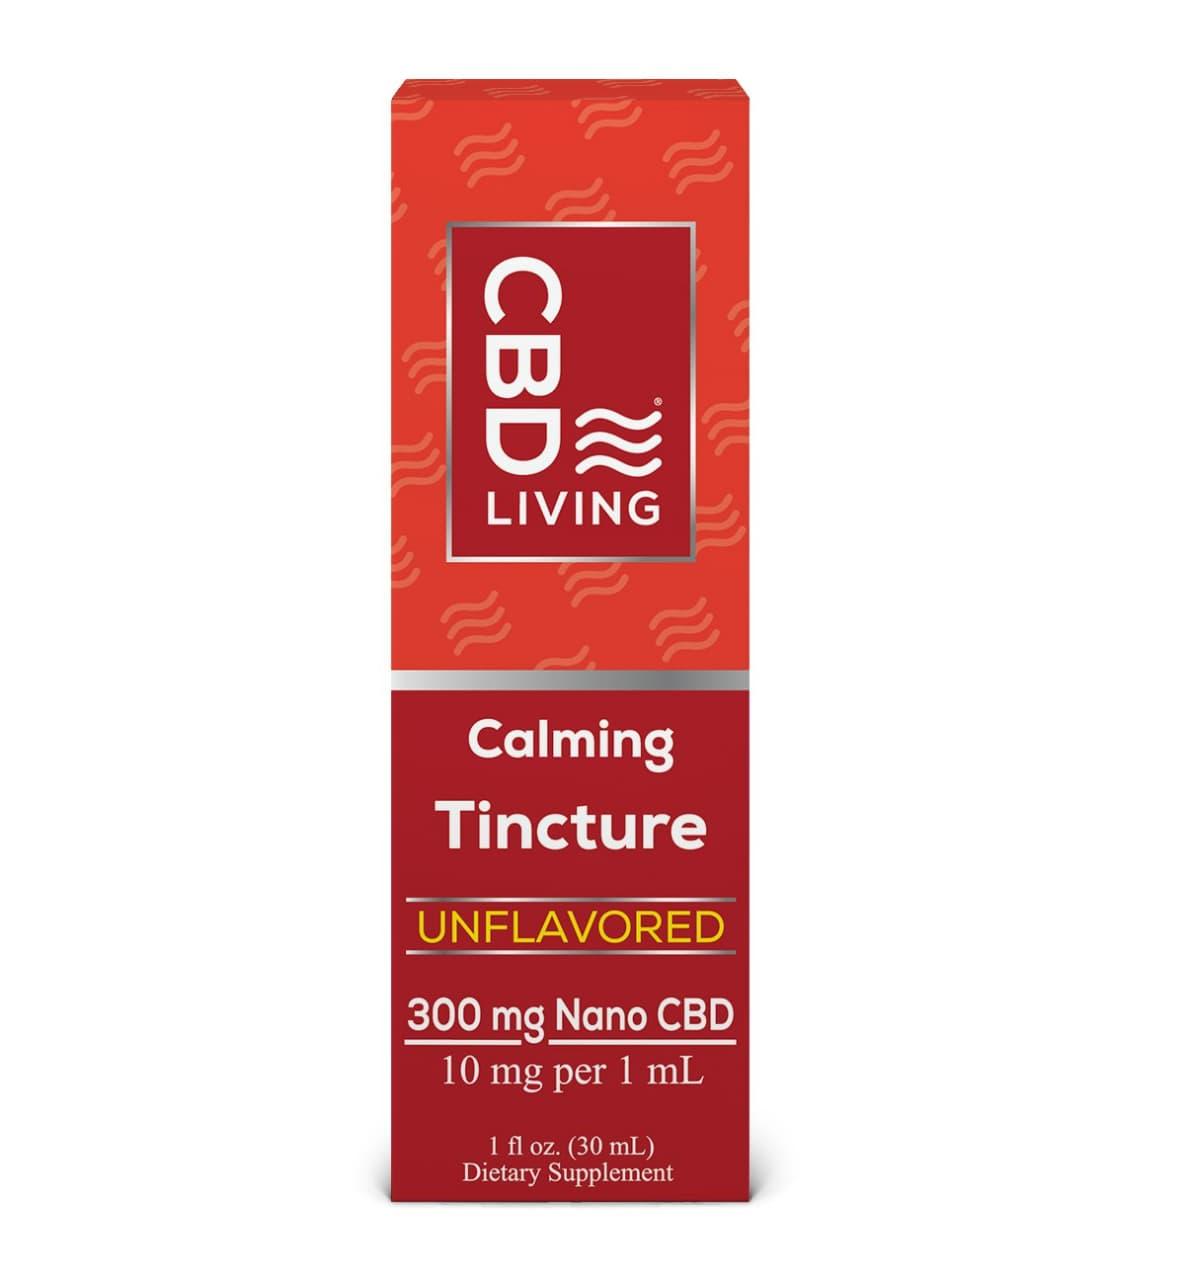 300 мг. Масло КБД (CBD) от Беспокойства, 10мг CBD В 1мл., Tincture – CBD Oil Drops 300 Mg CBD Living, США